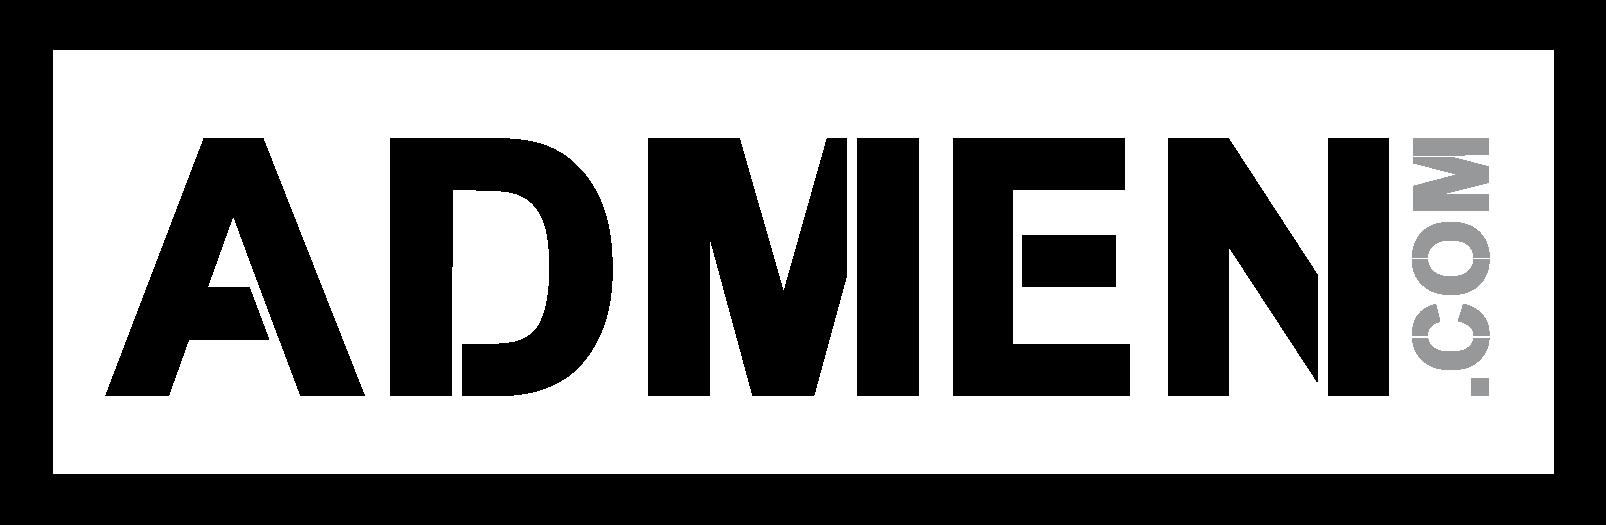 admen_logo